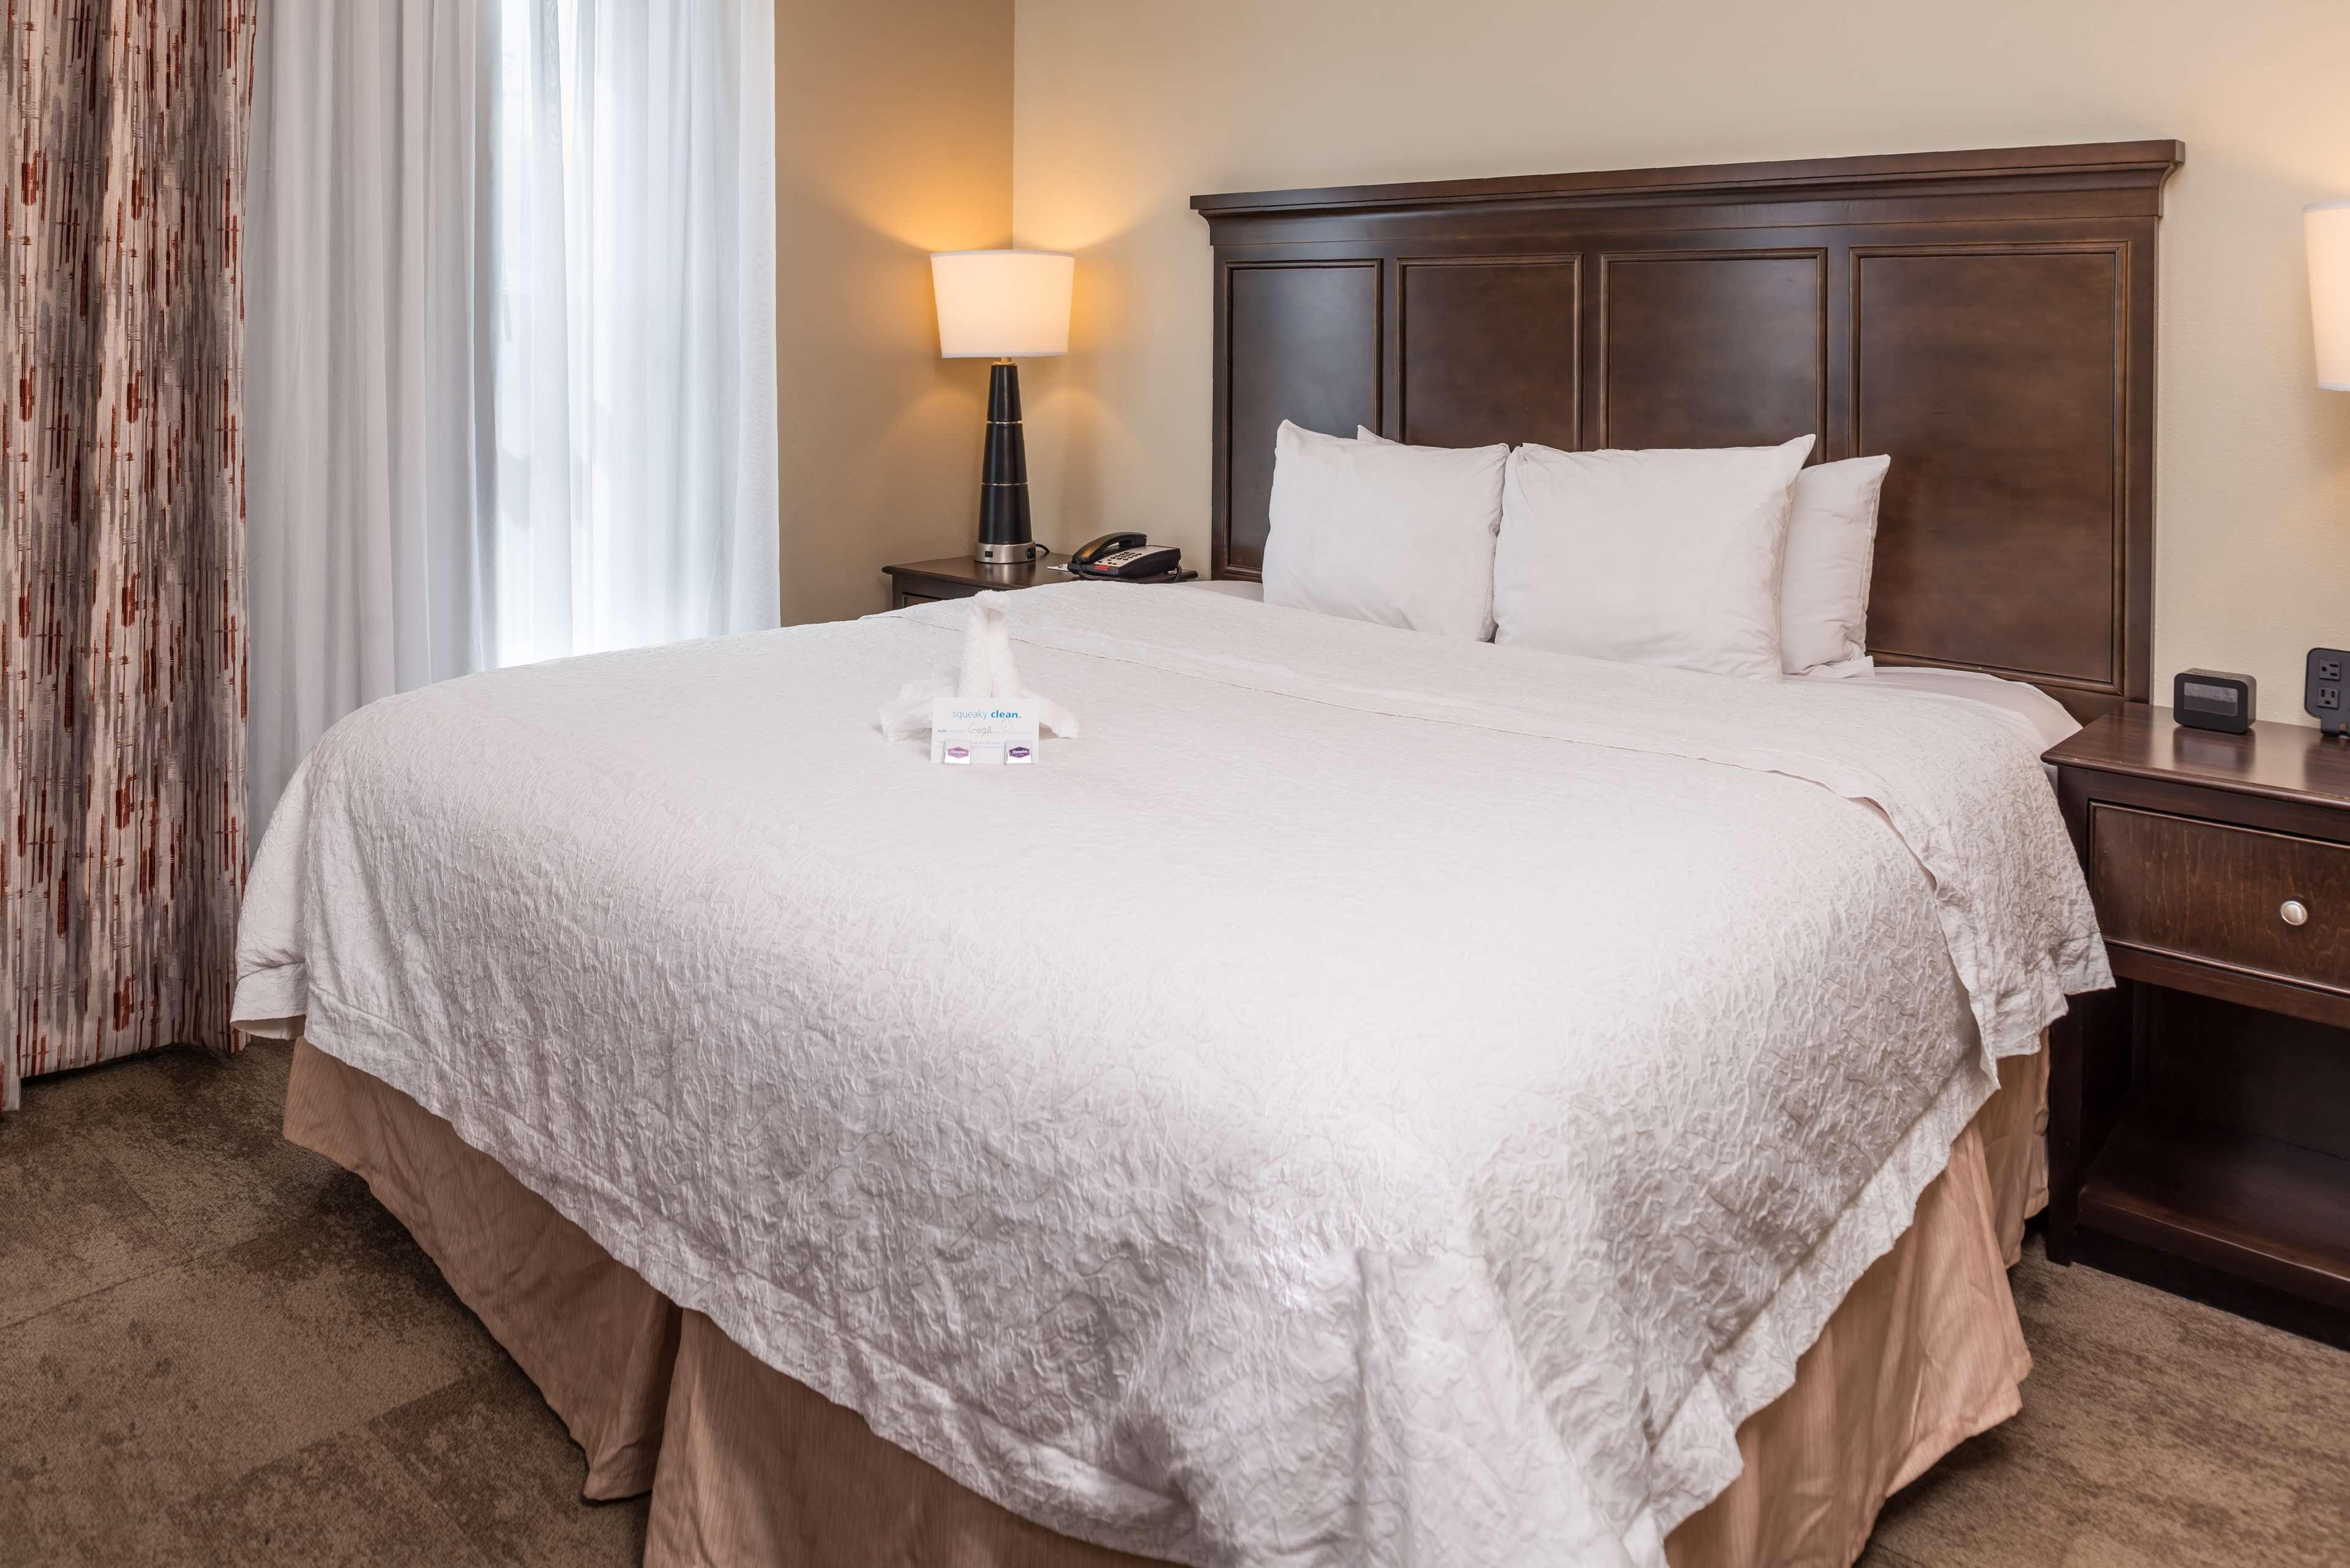 Hampton Inn & Suites Charlotte-Arrowood Rd. image 41